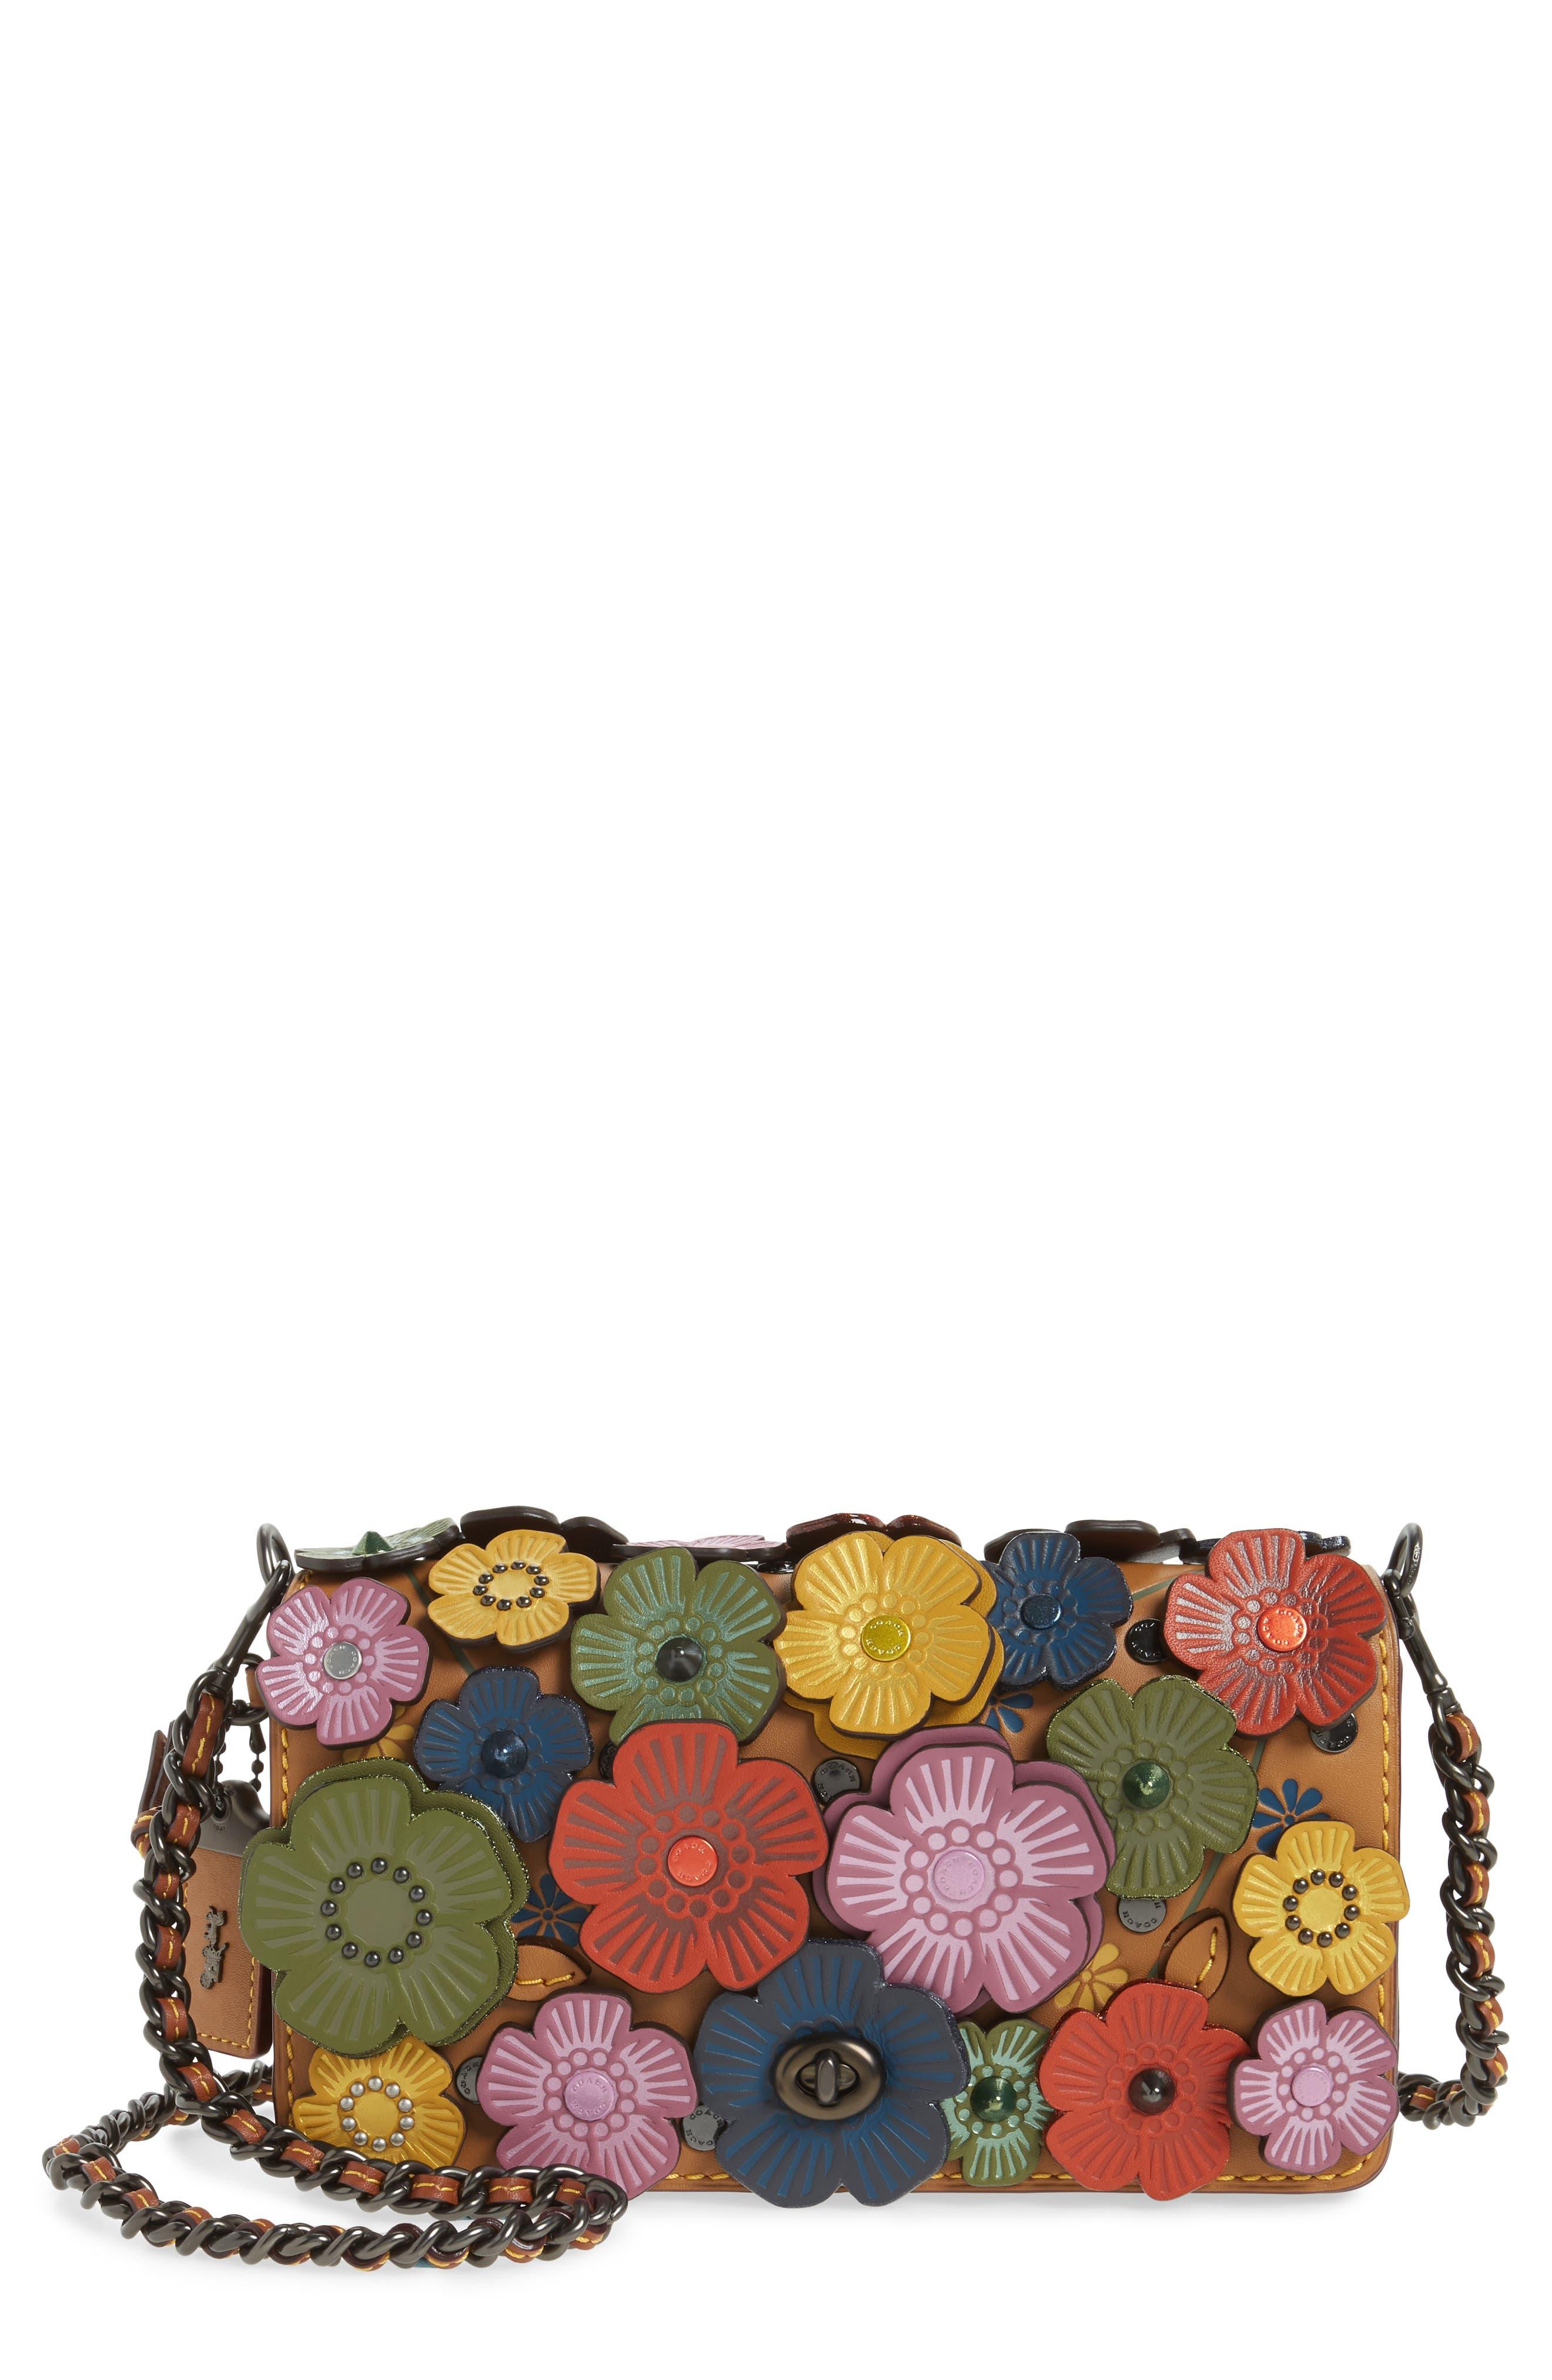 COACH 1941 'Dinky' Flower Appliqué Leather Crossbody Bag